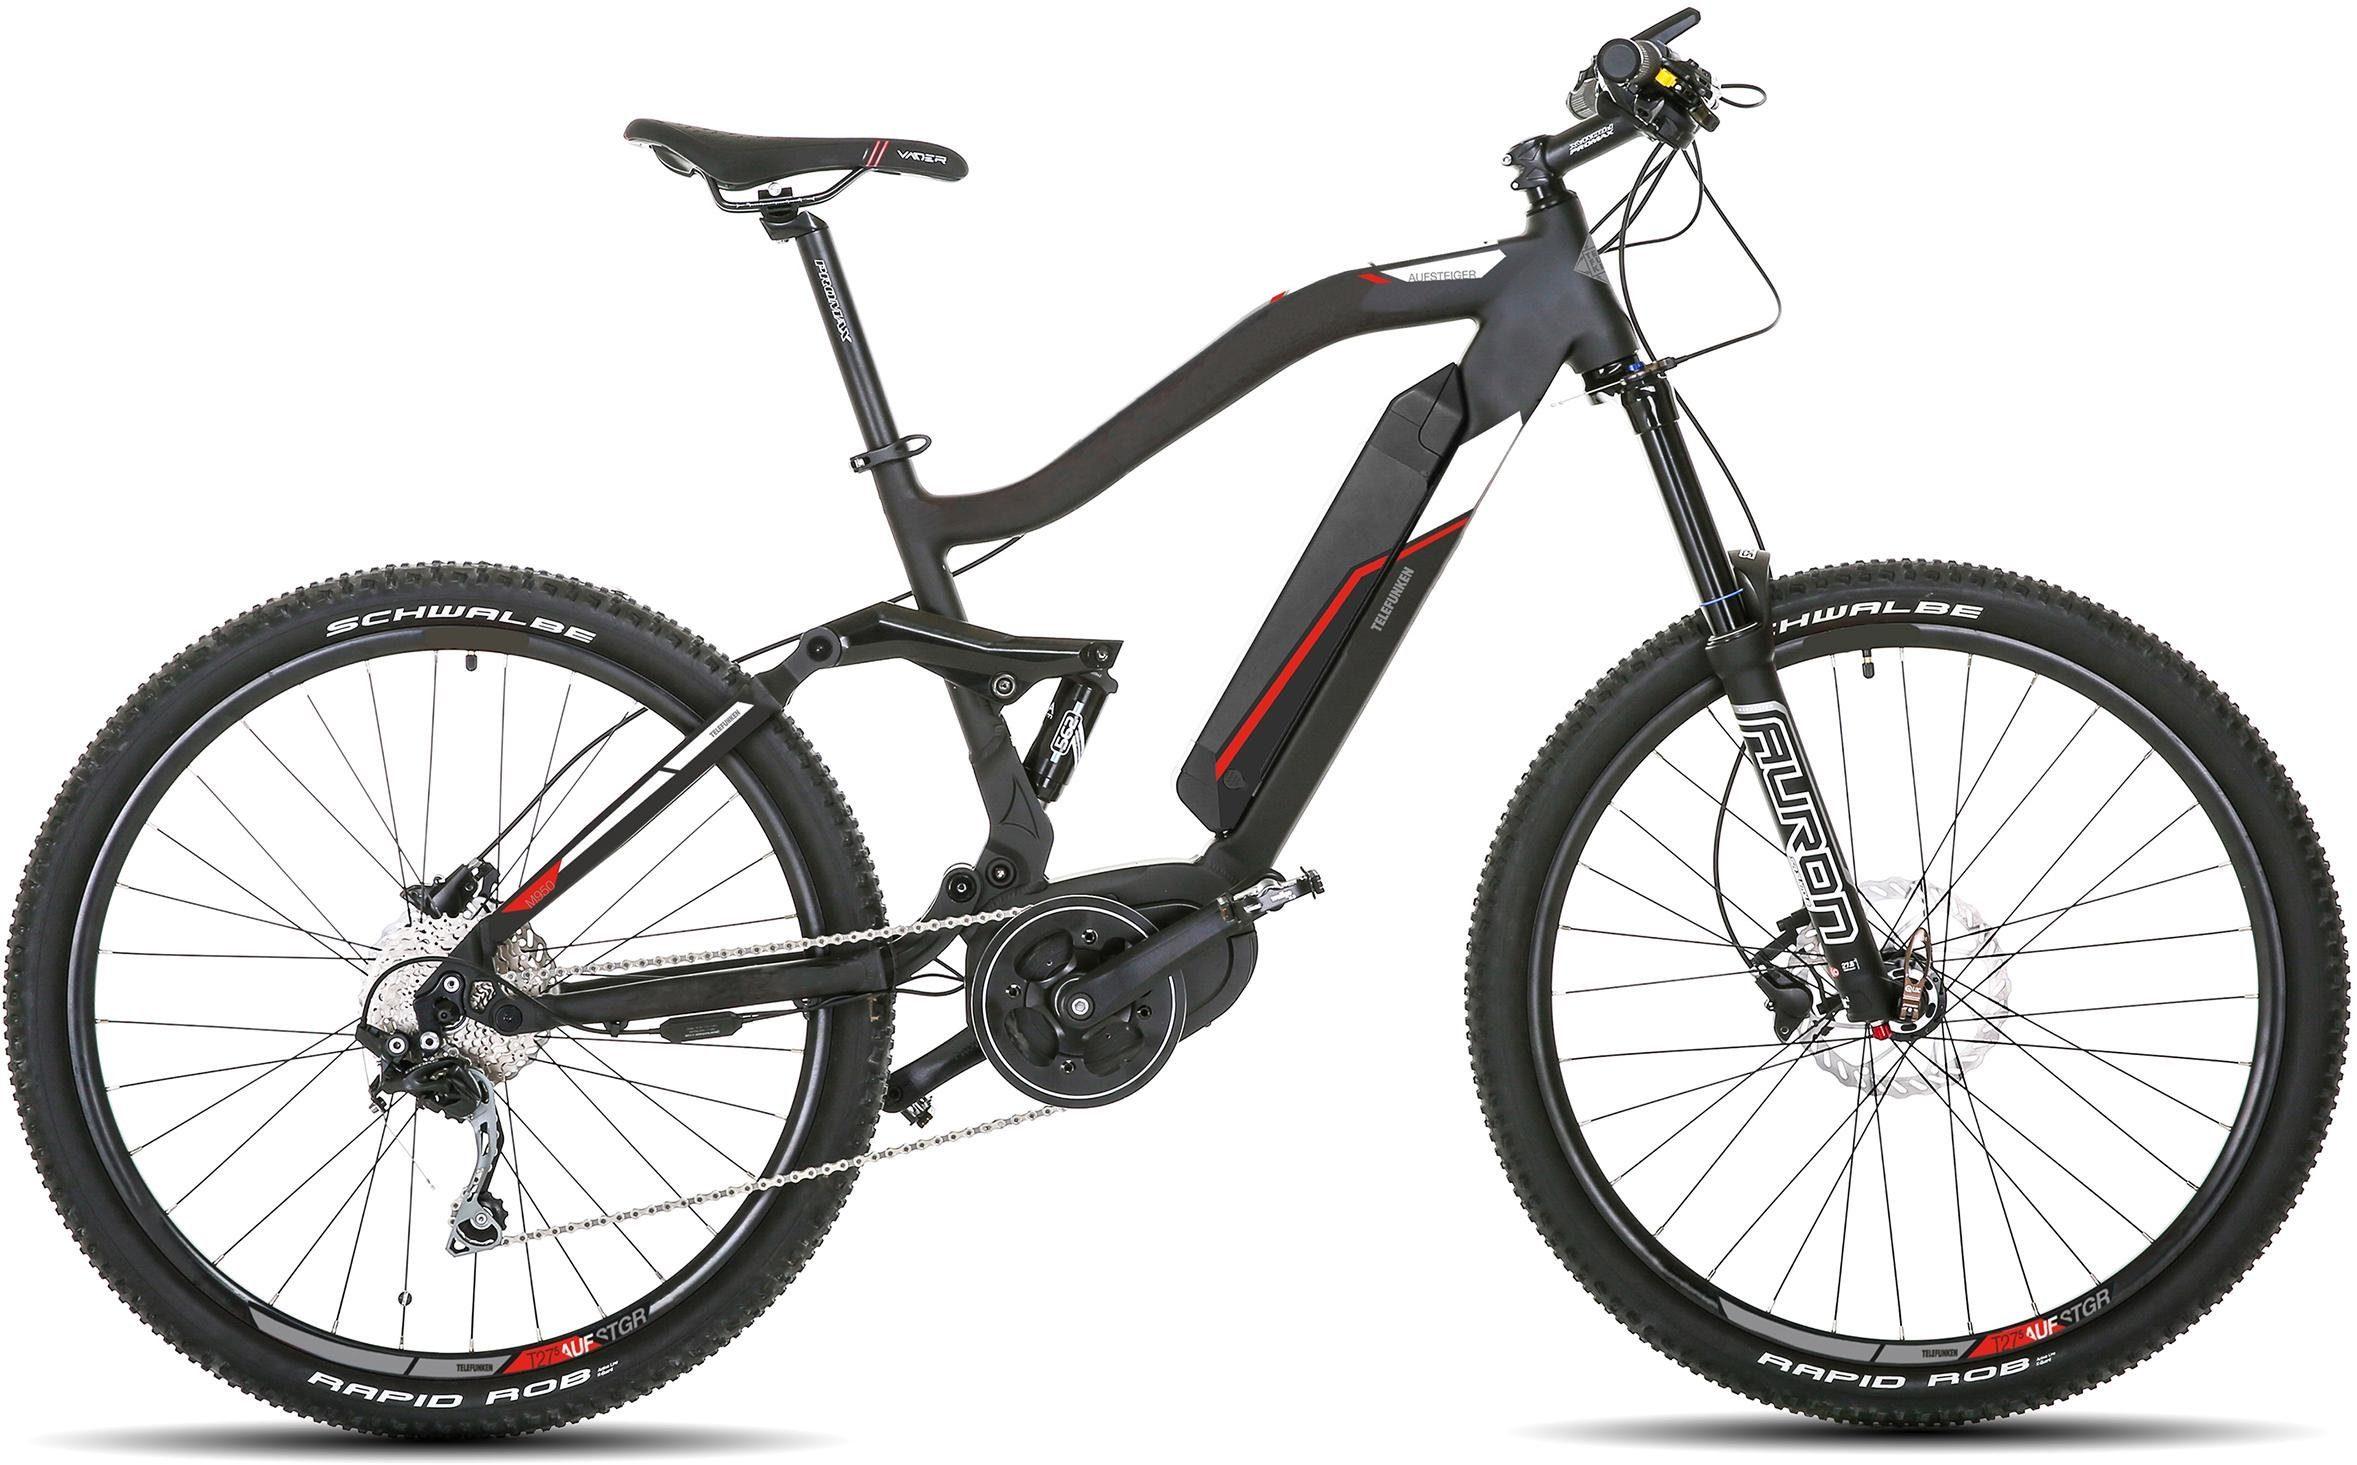 Telefunken E-Bike »M950 Aufsteiger«, 9 Gang Shimano Acera Schaltwerk, Kettenschaltung, Mittelmotor 250 W